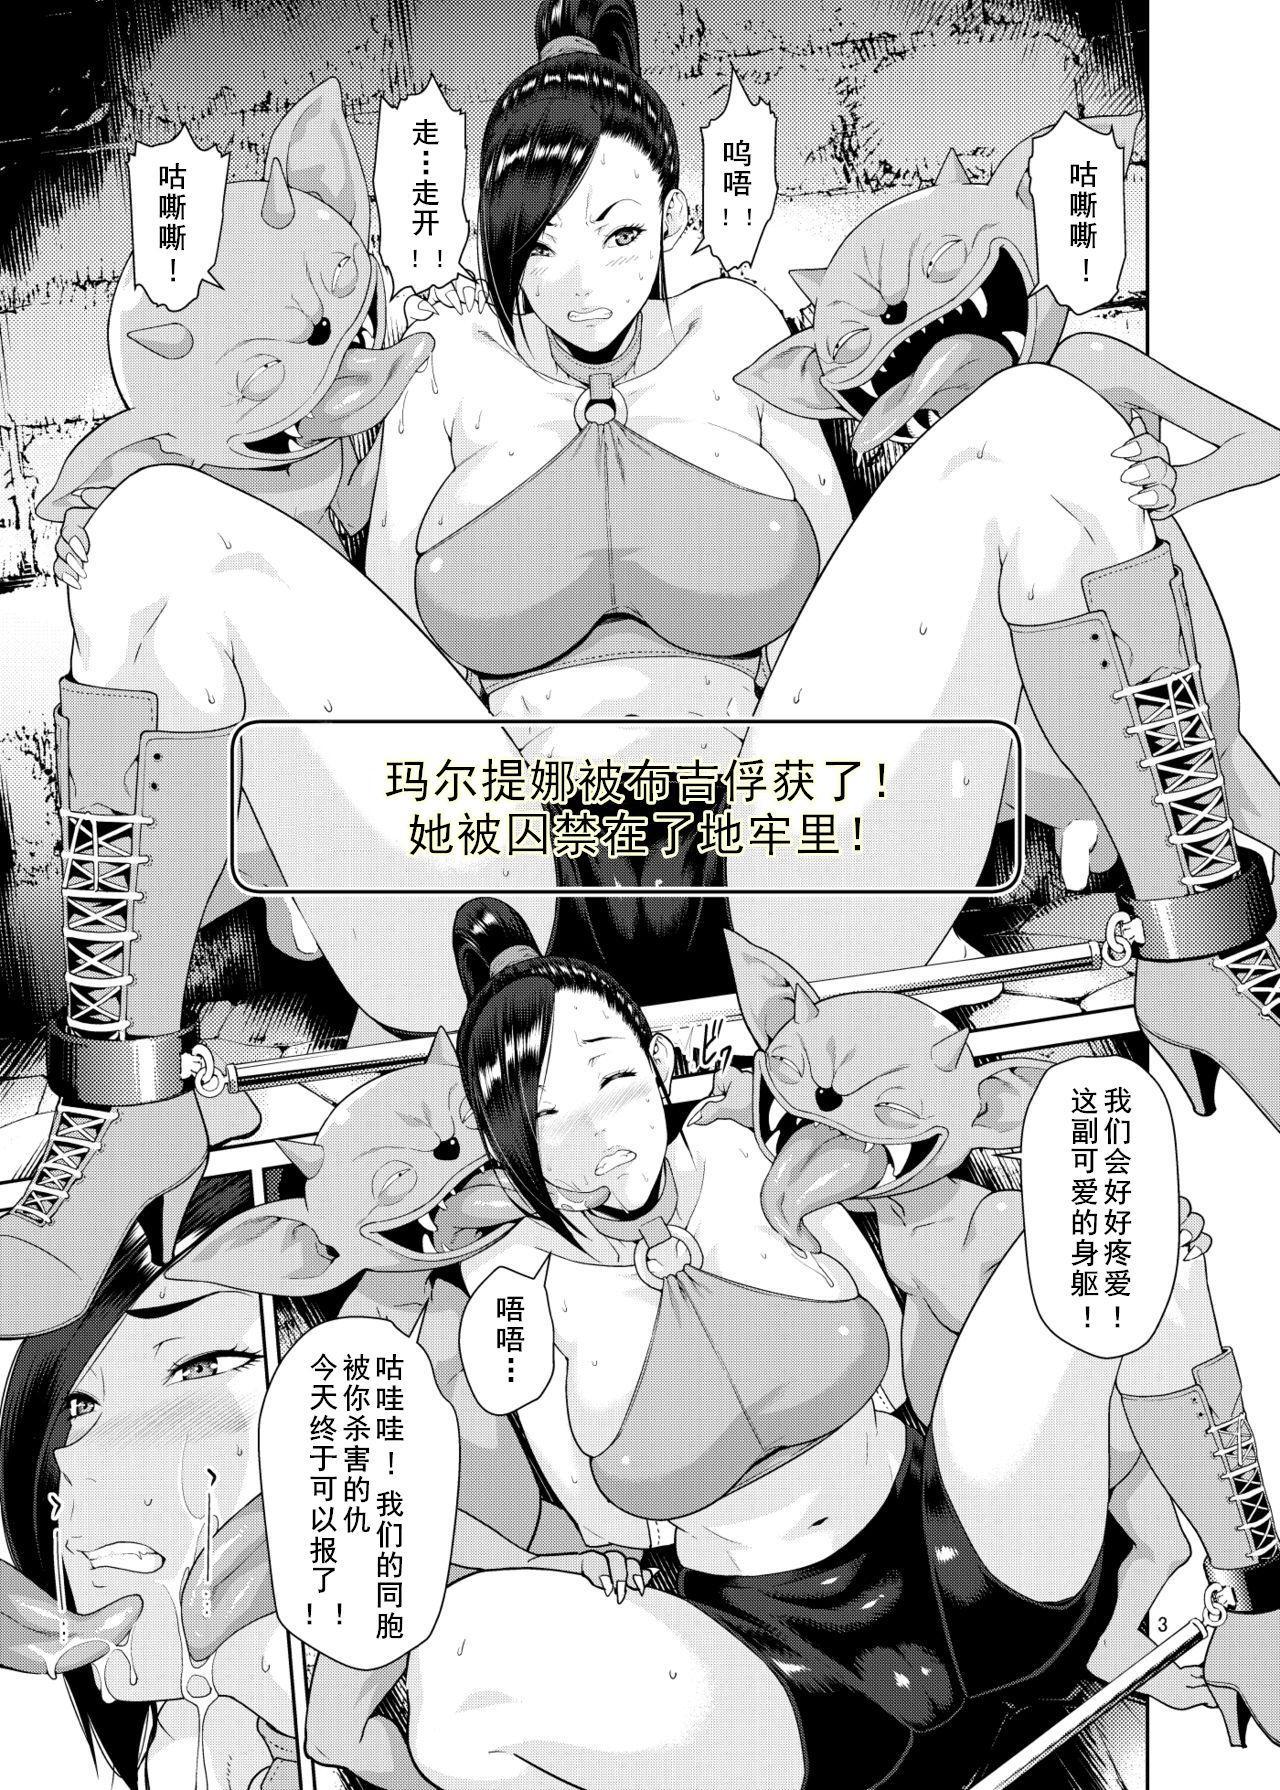 Mamono no Onna 2